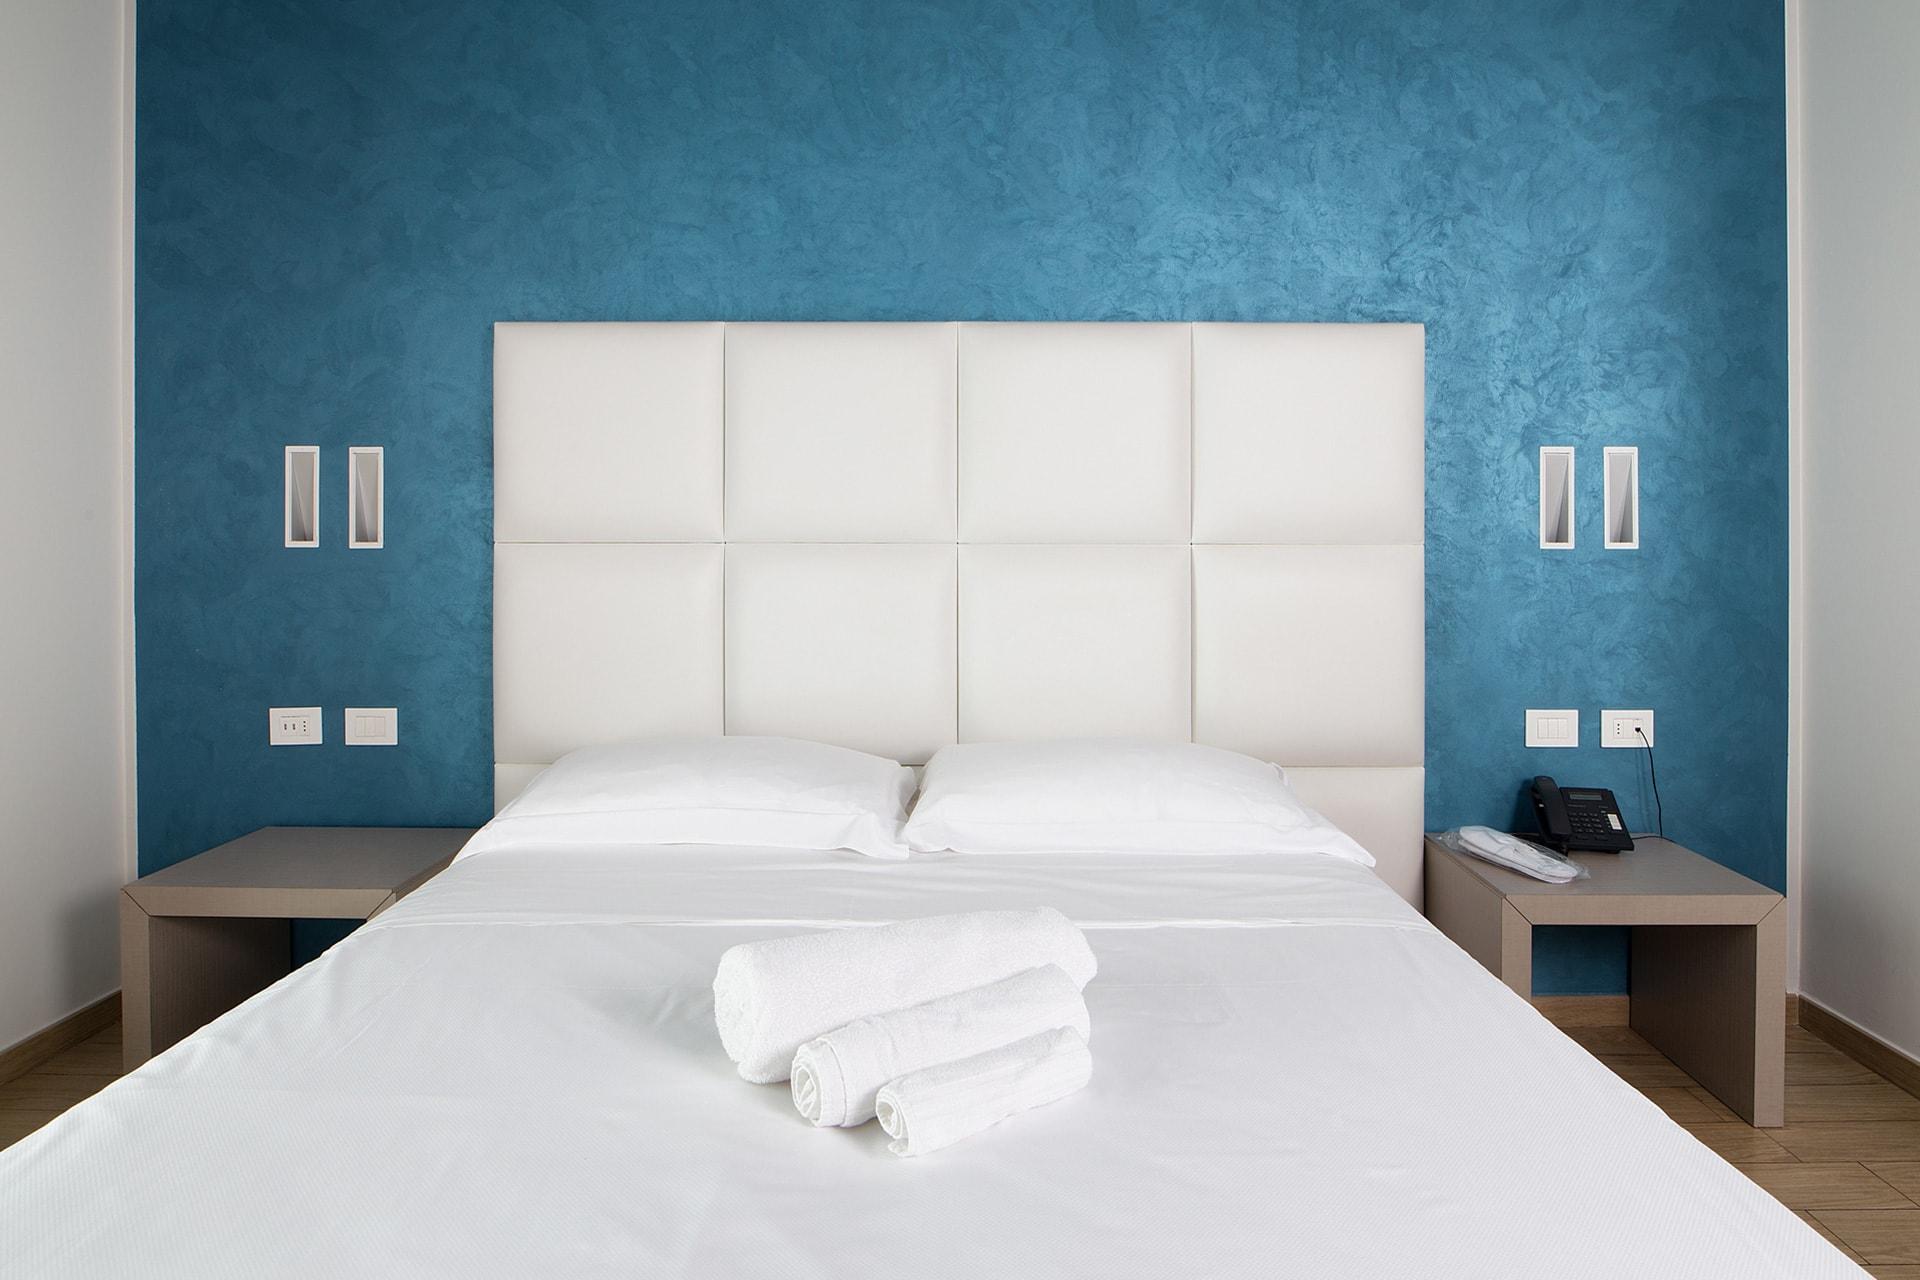 Hotel brescia con camera singola albergo a brescia con camera singola - Arredamento camera singola ...